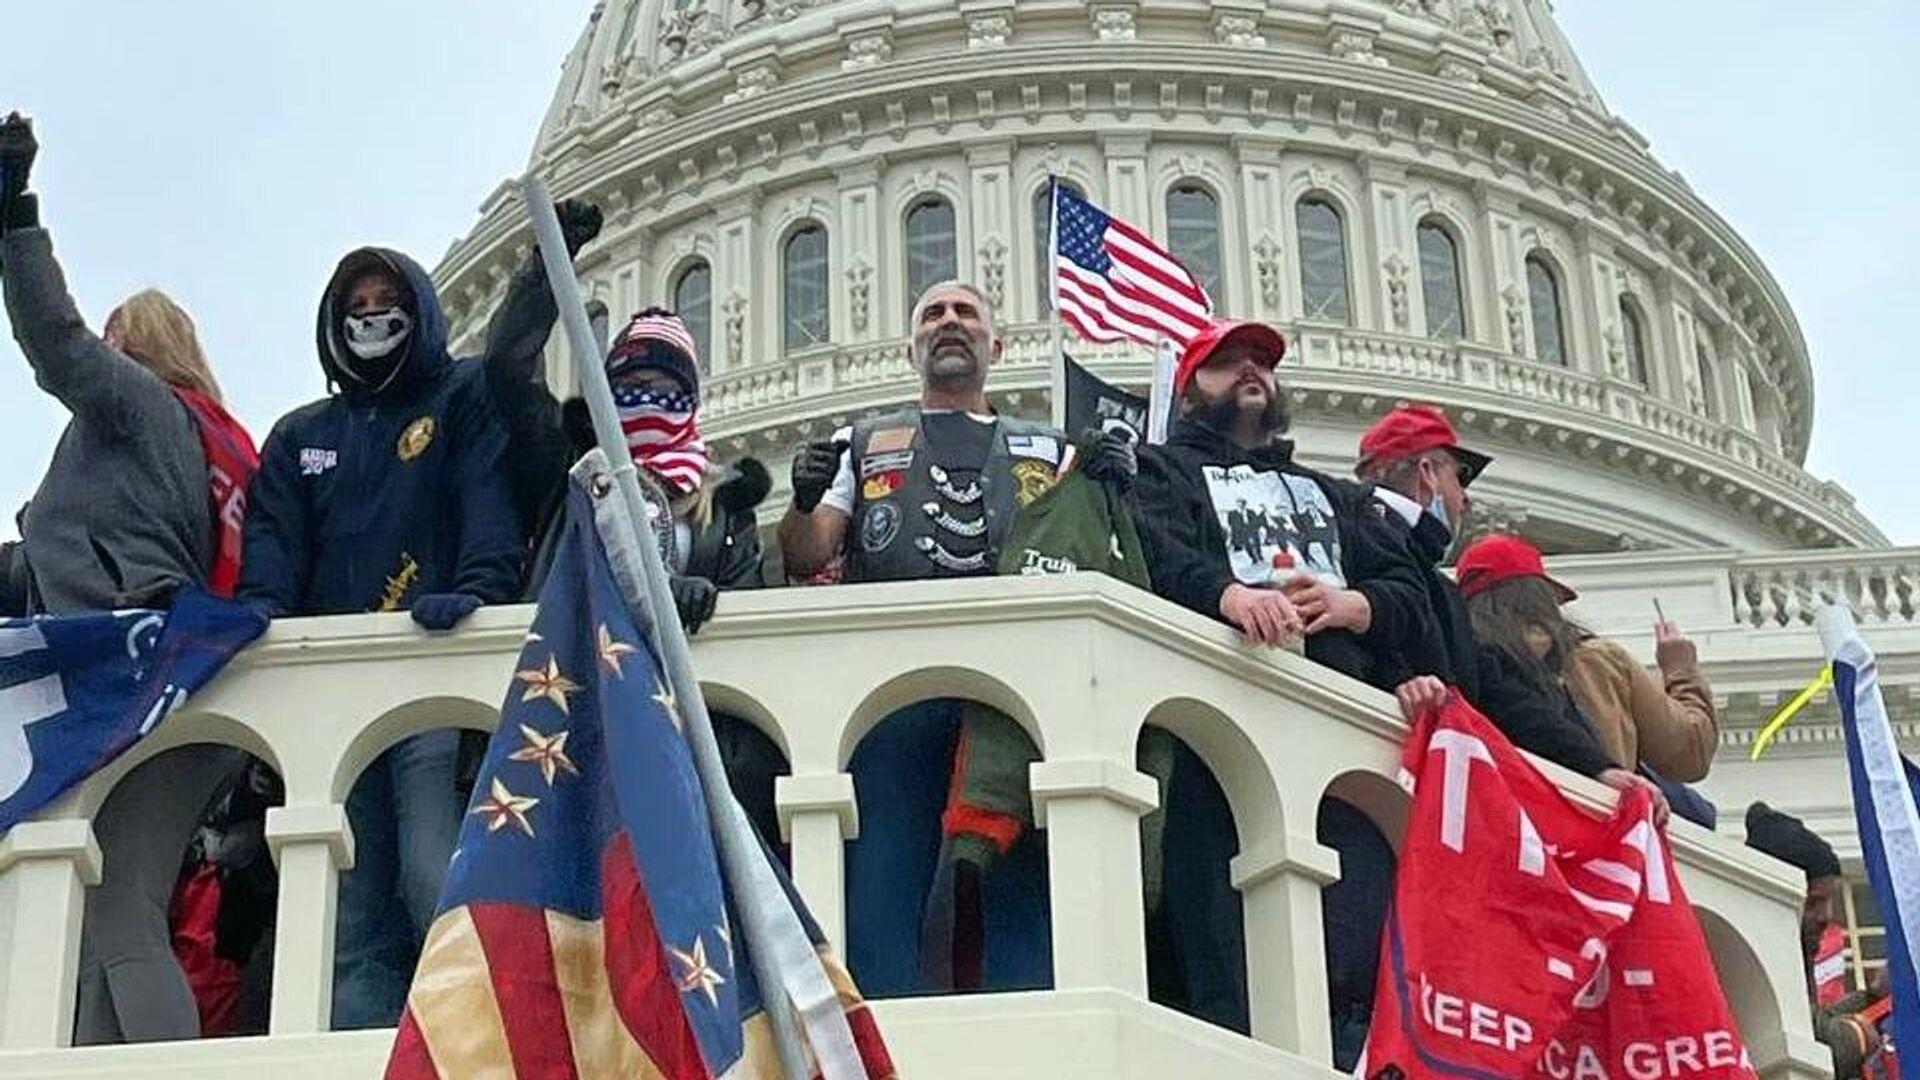 Участники акции протеста сторонников действующего президента США Дональда Трампа у здания конгресса в Вашингтоне - РИА Новости, 1920, 09.01.2021